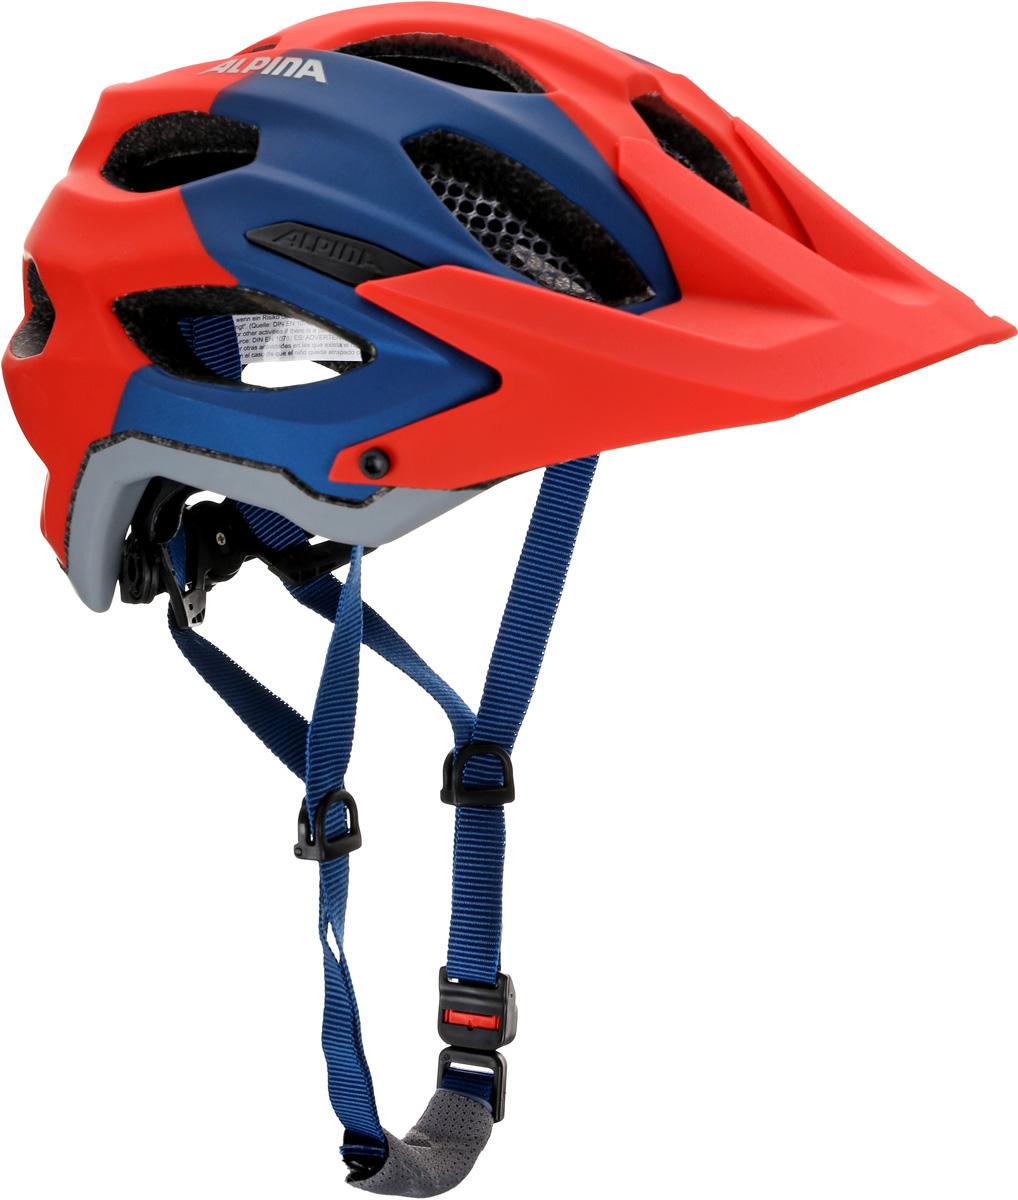 Велошлем Alpina Carapax, цвет: красный, голубой. Размер 52-57 см